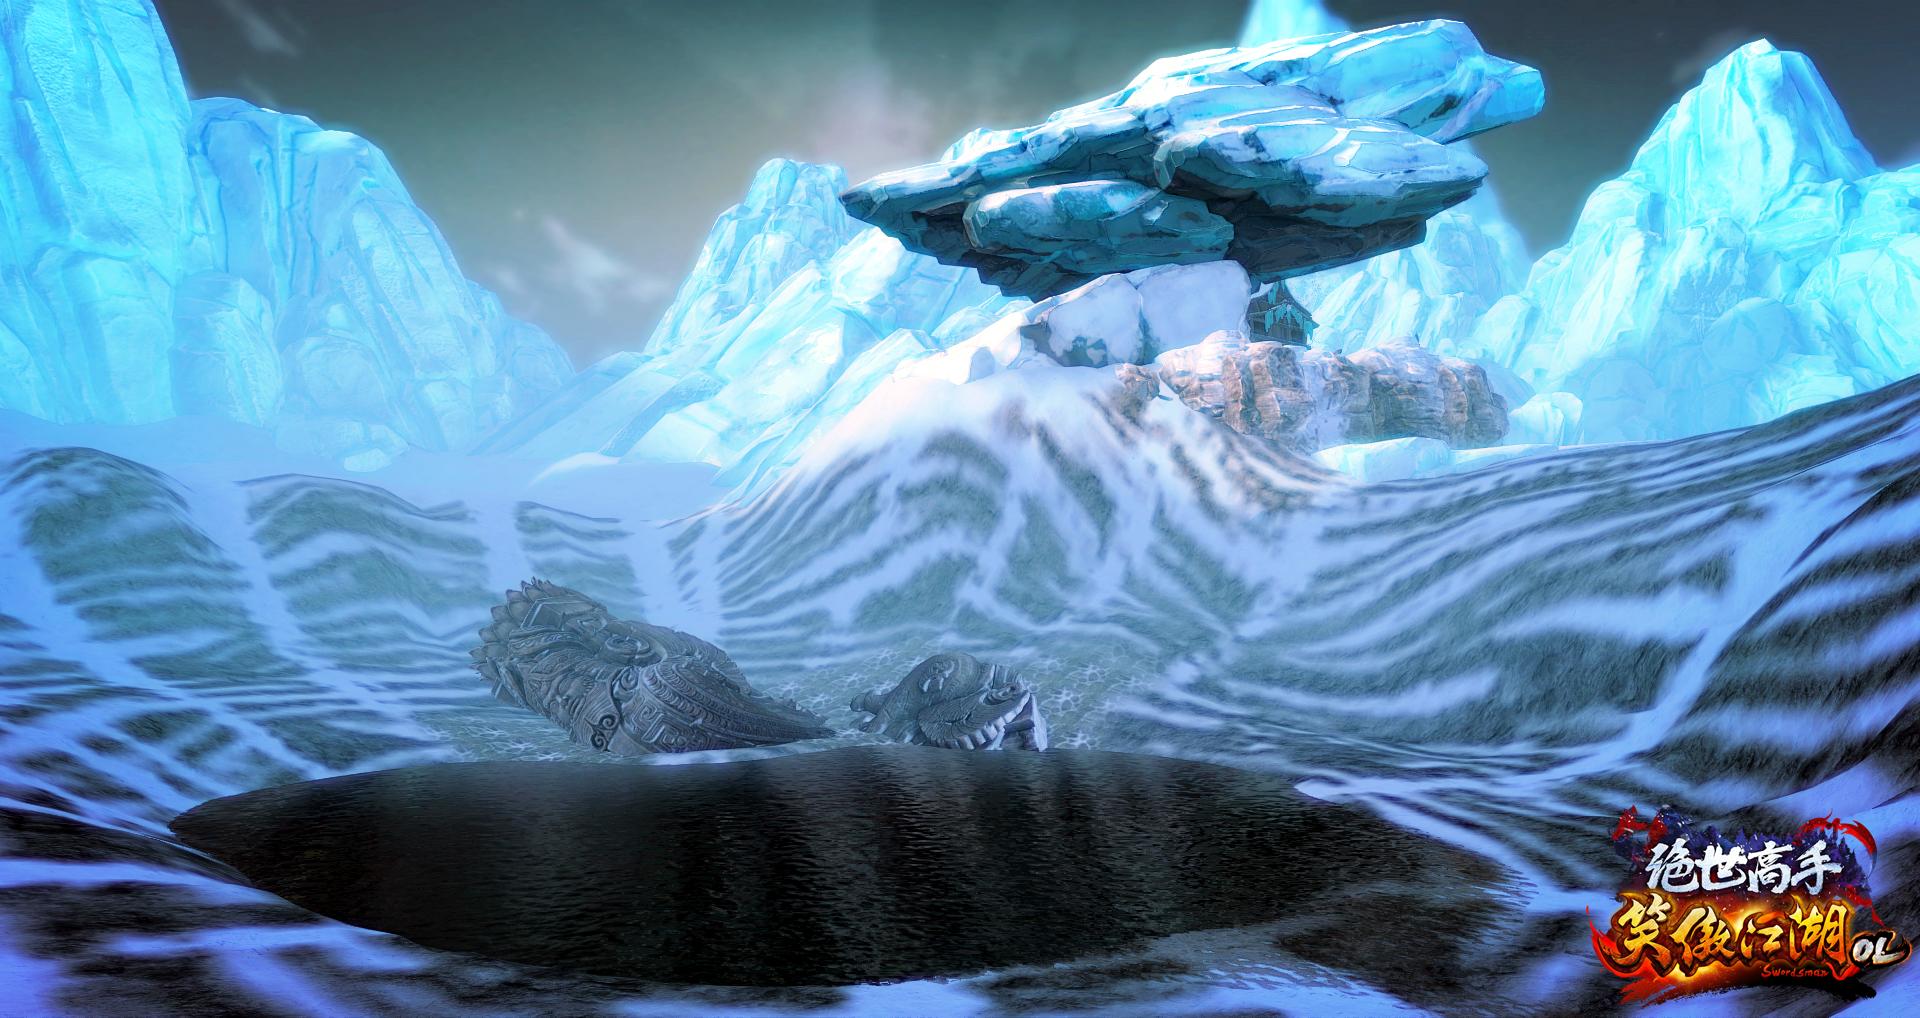 昆仑山,长年冰封,有人说这里曾经拥有过一